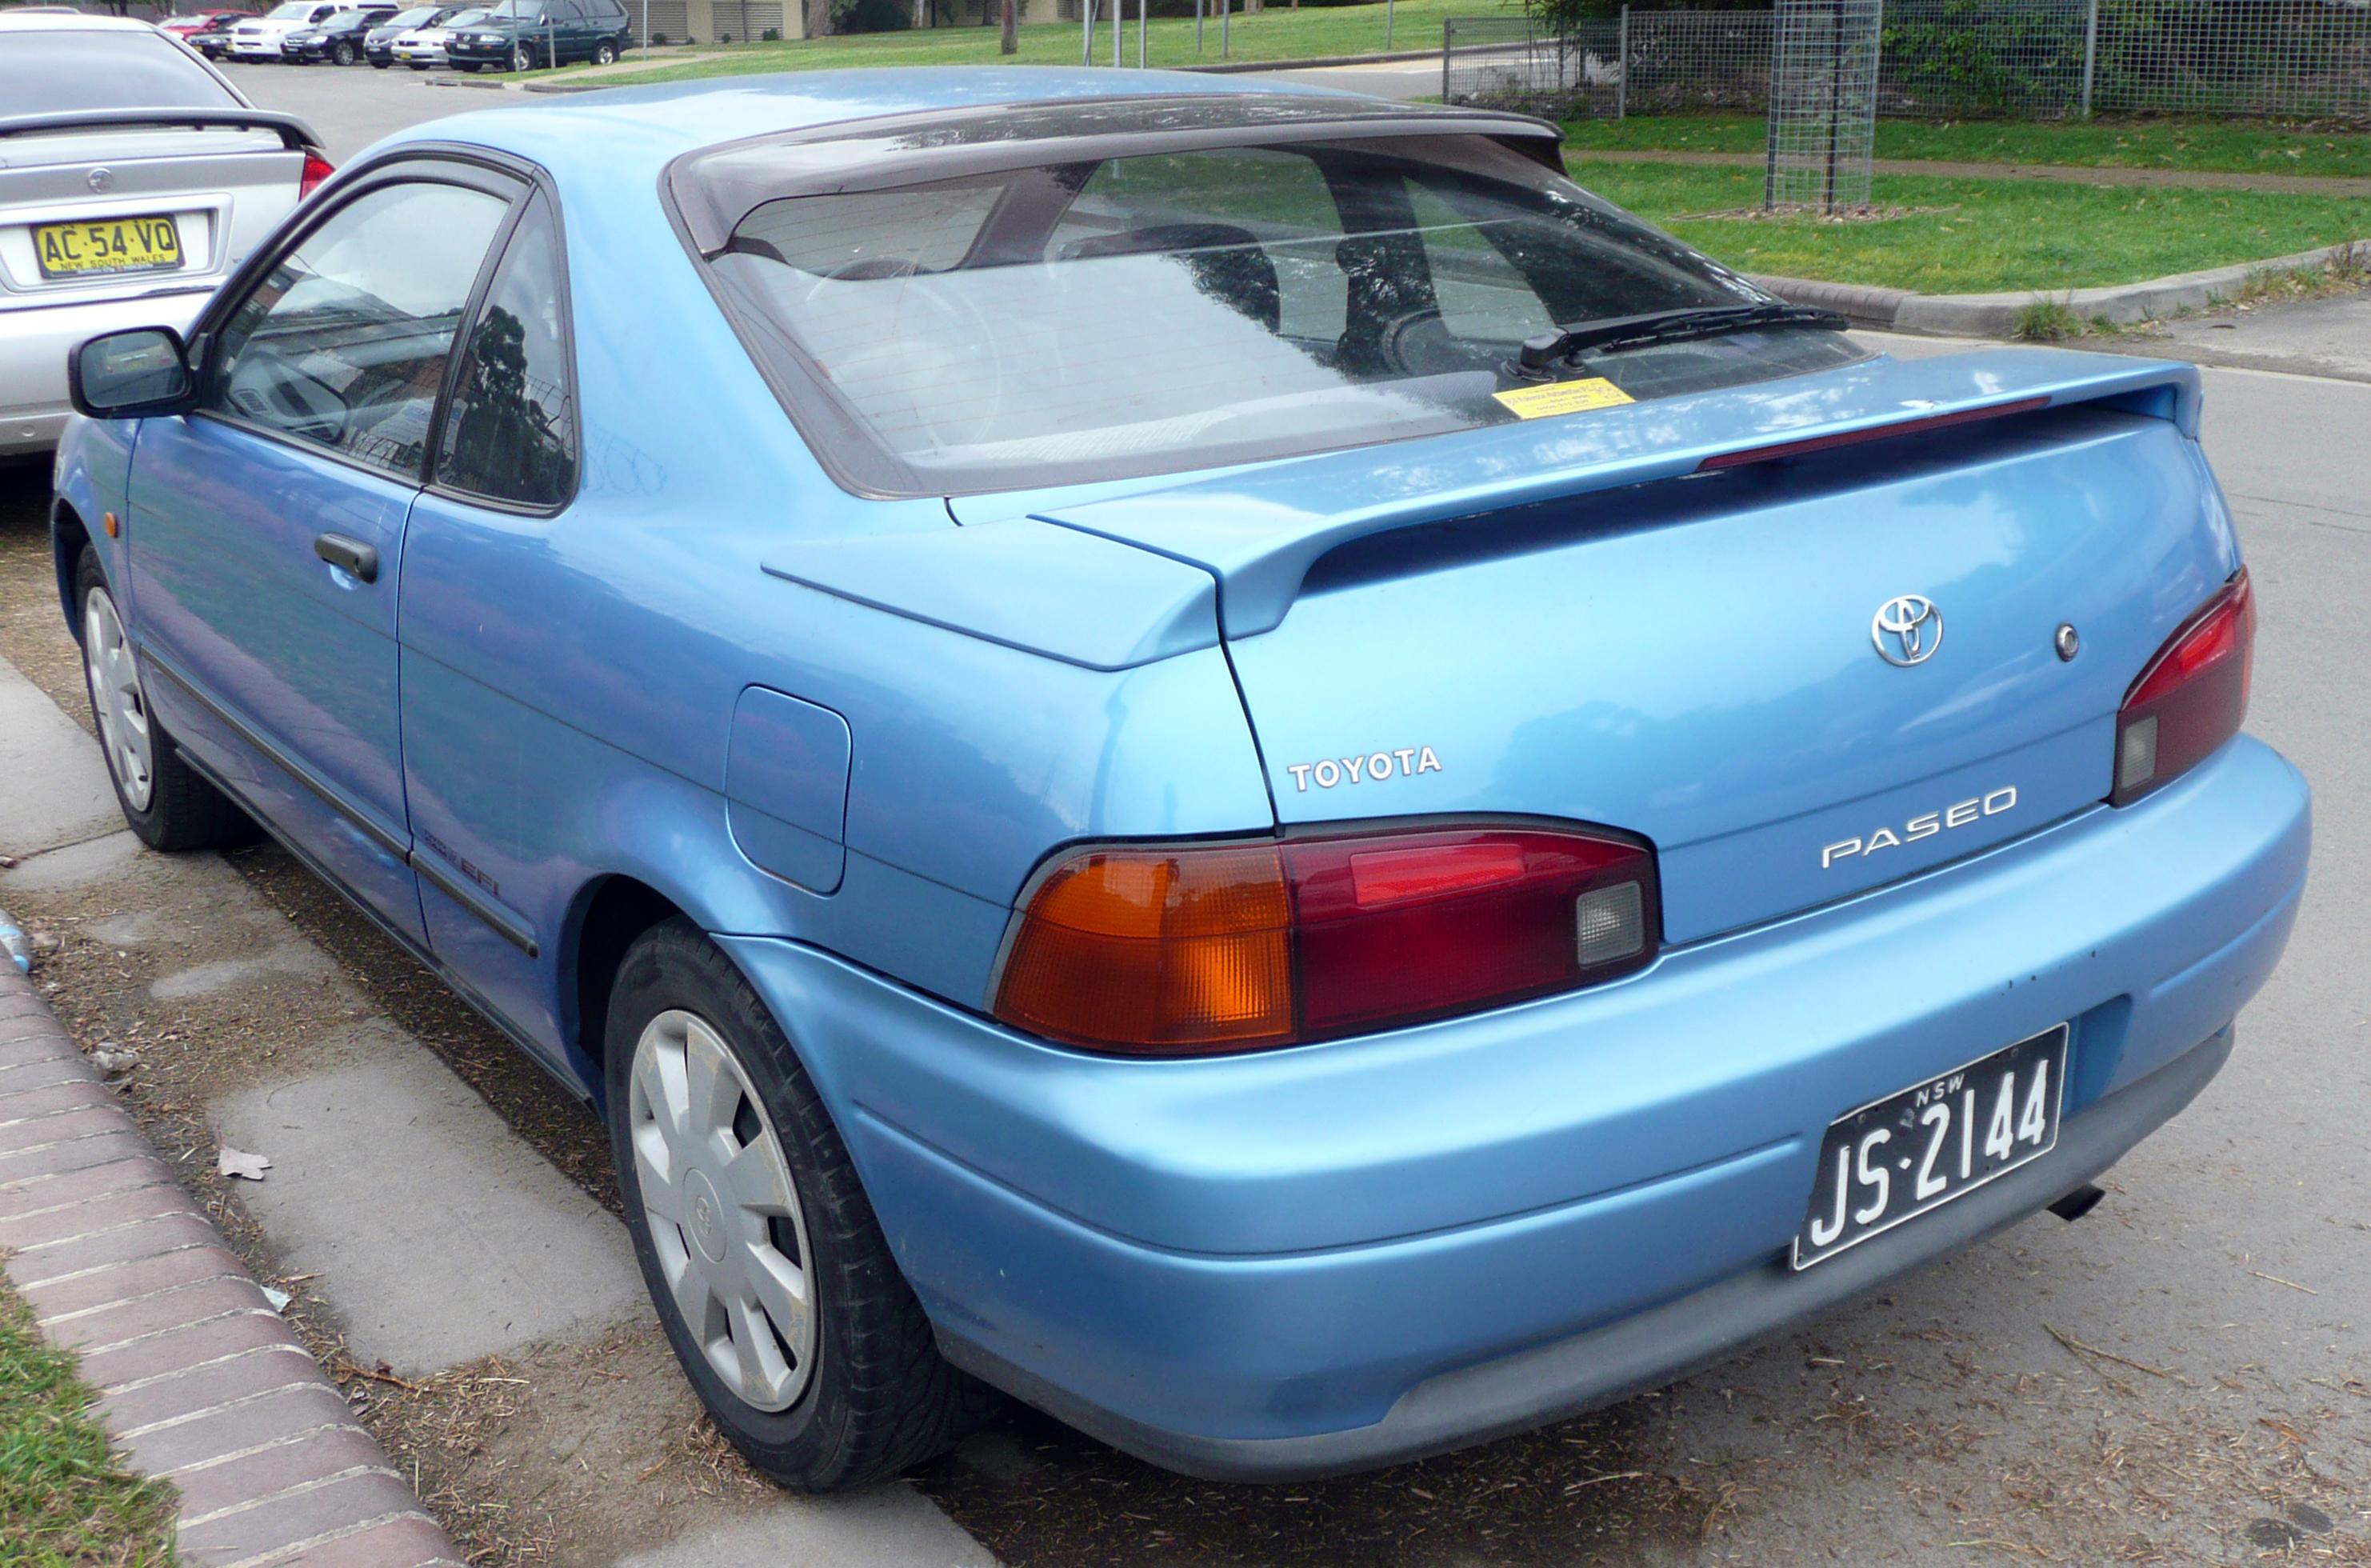 1992 Toyota Paseo #10 Toyota Paseo #10